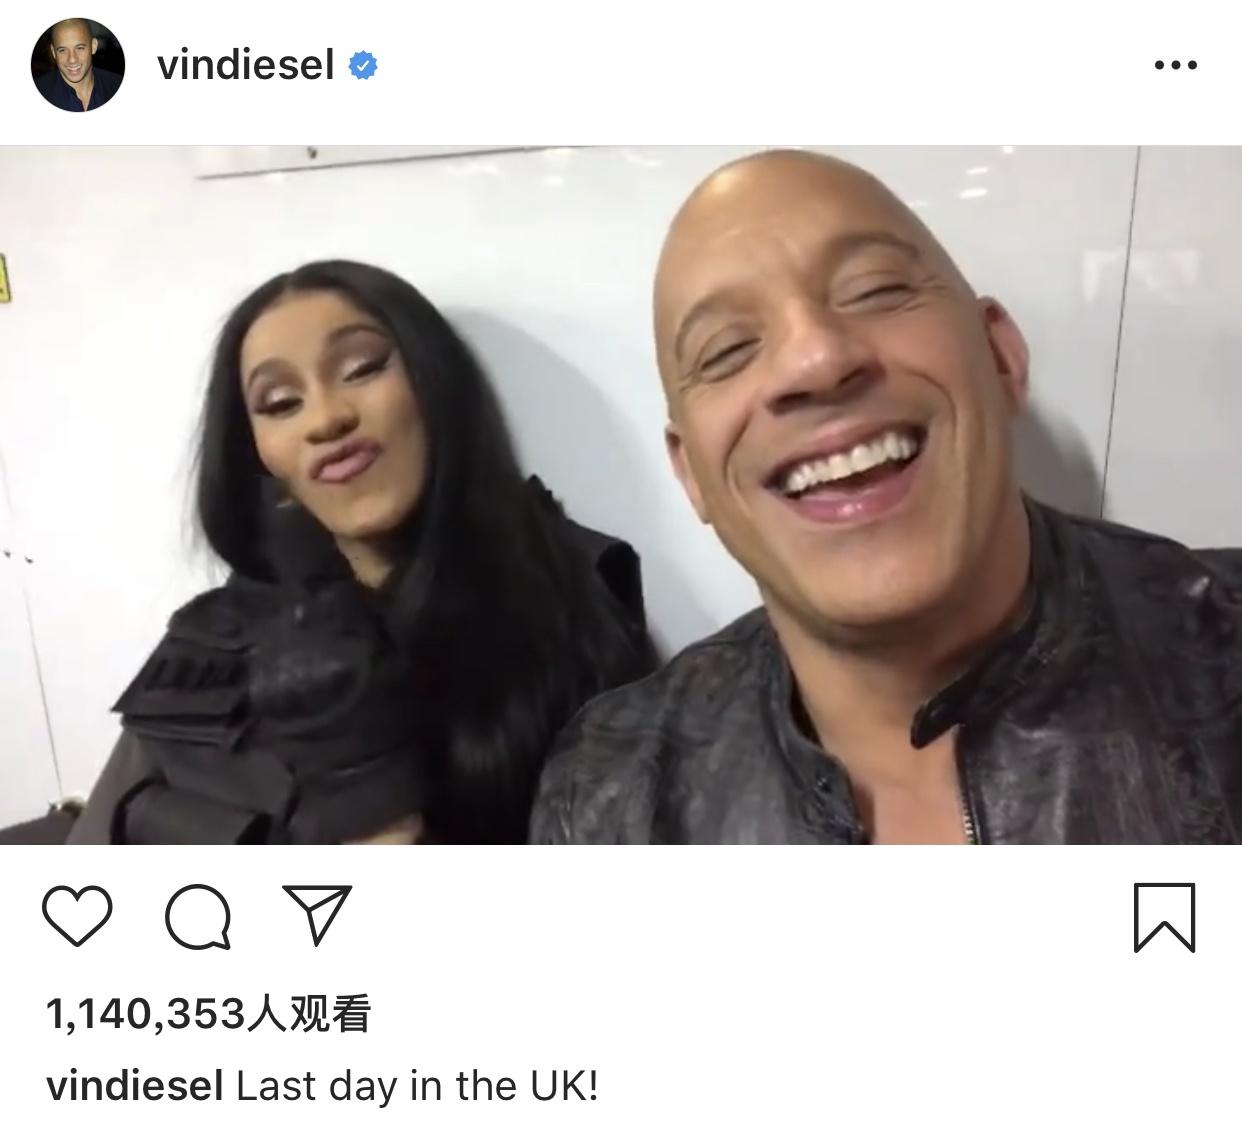 范·迪塞尔官宣:说唱女歌手卡迪·B加盟《速9》